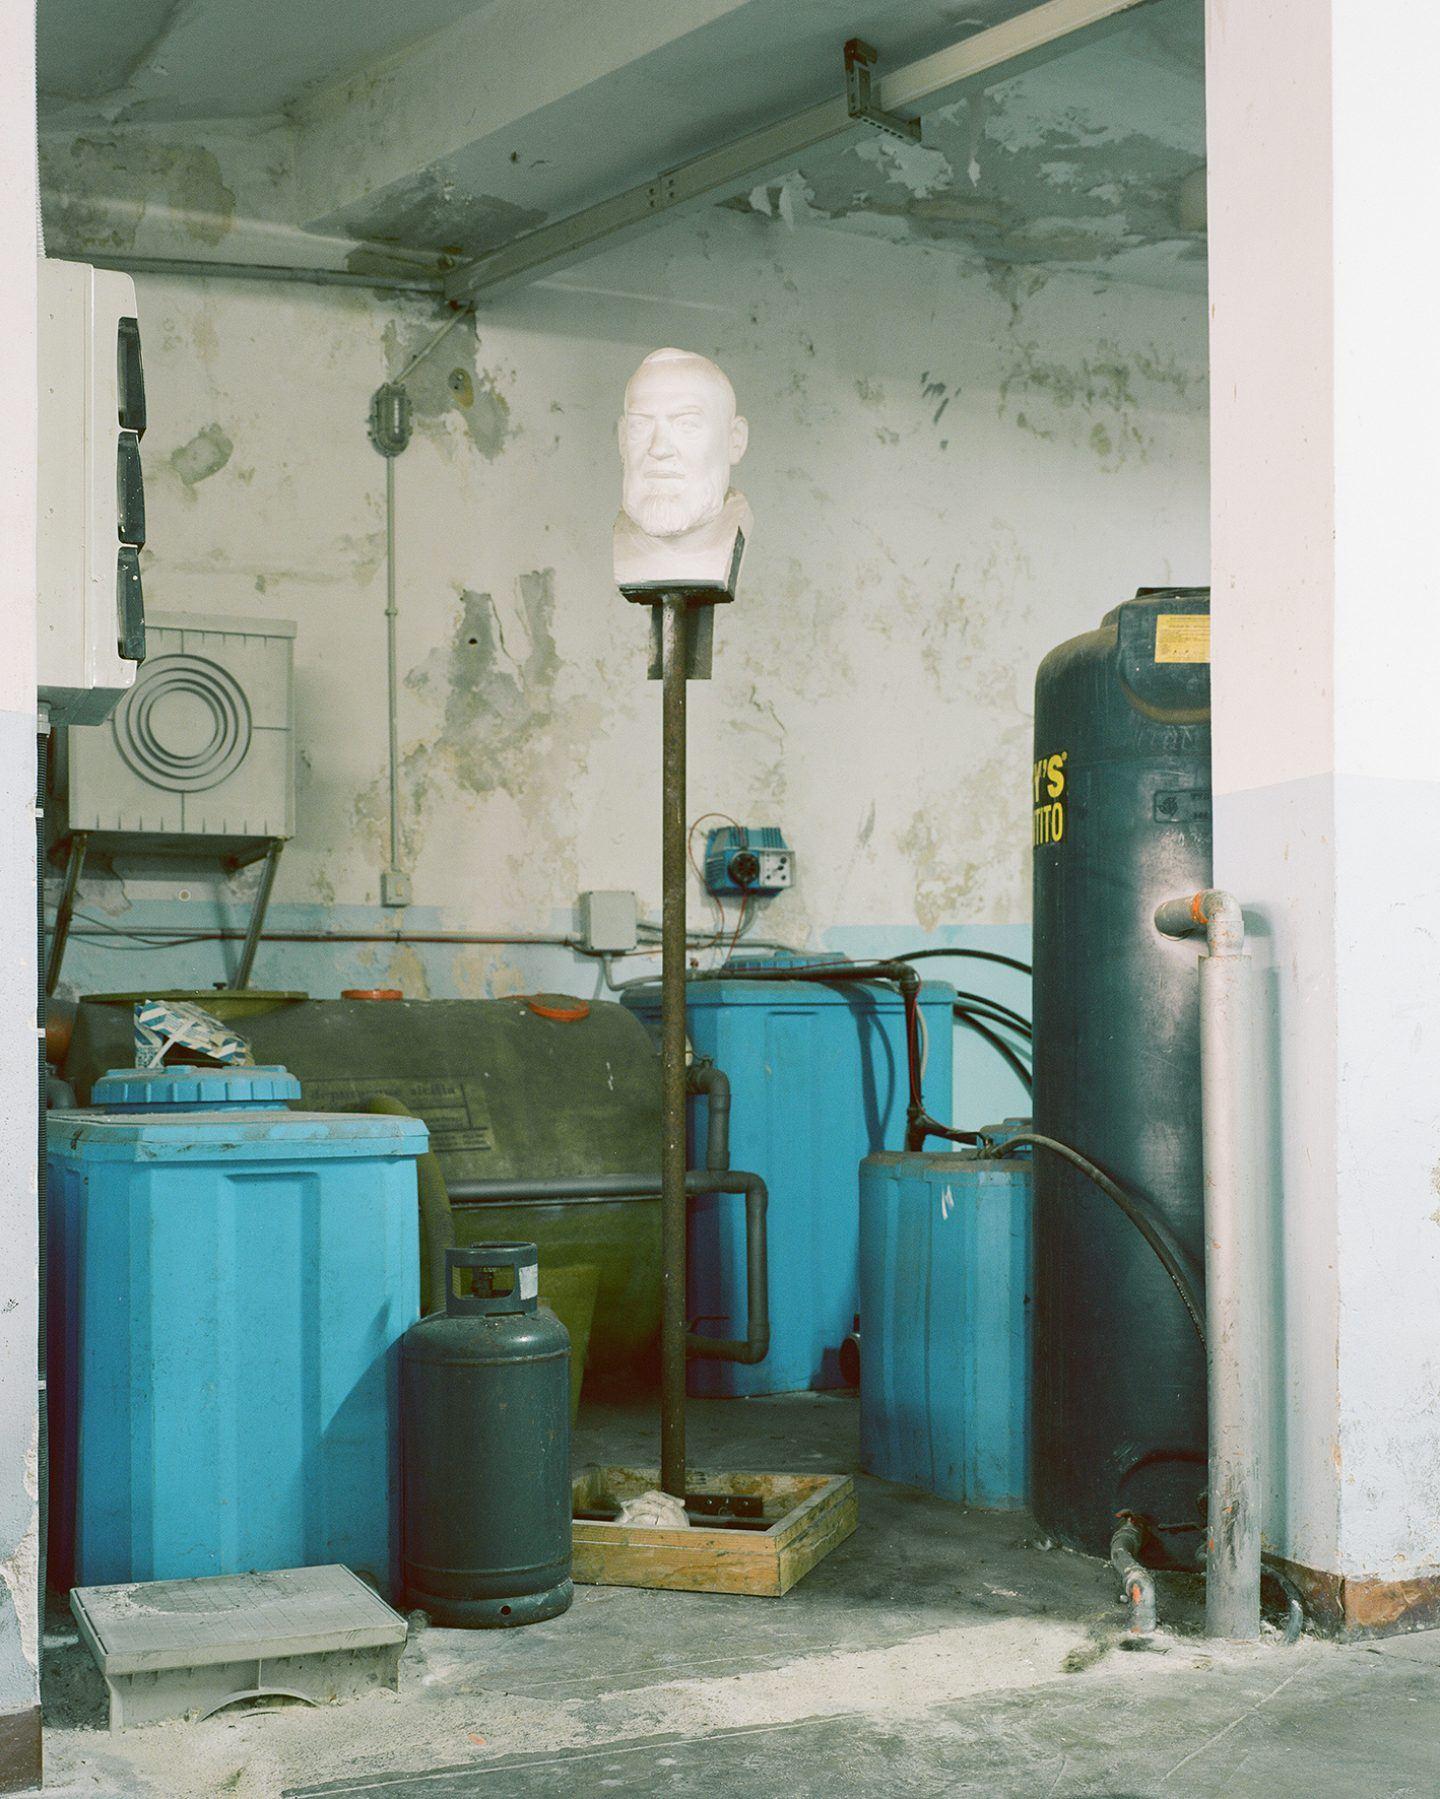 IGNANT-Photography-Pietro-Motisi-Sicilia-Fantasma-014